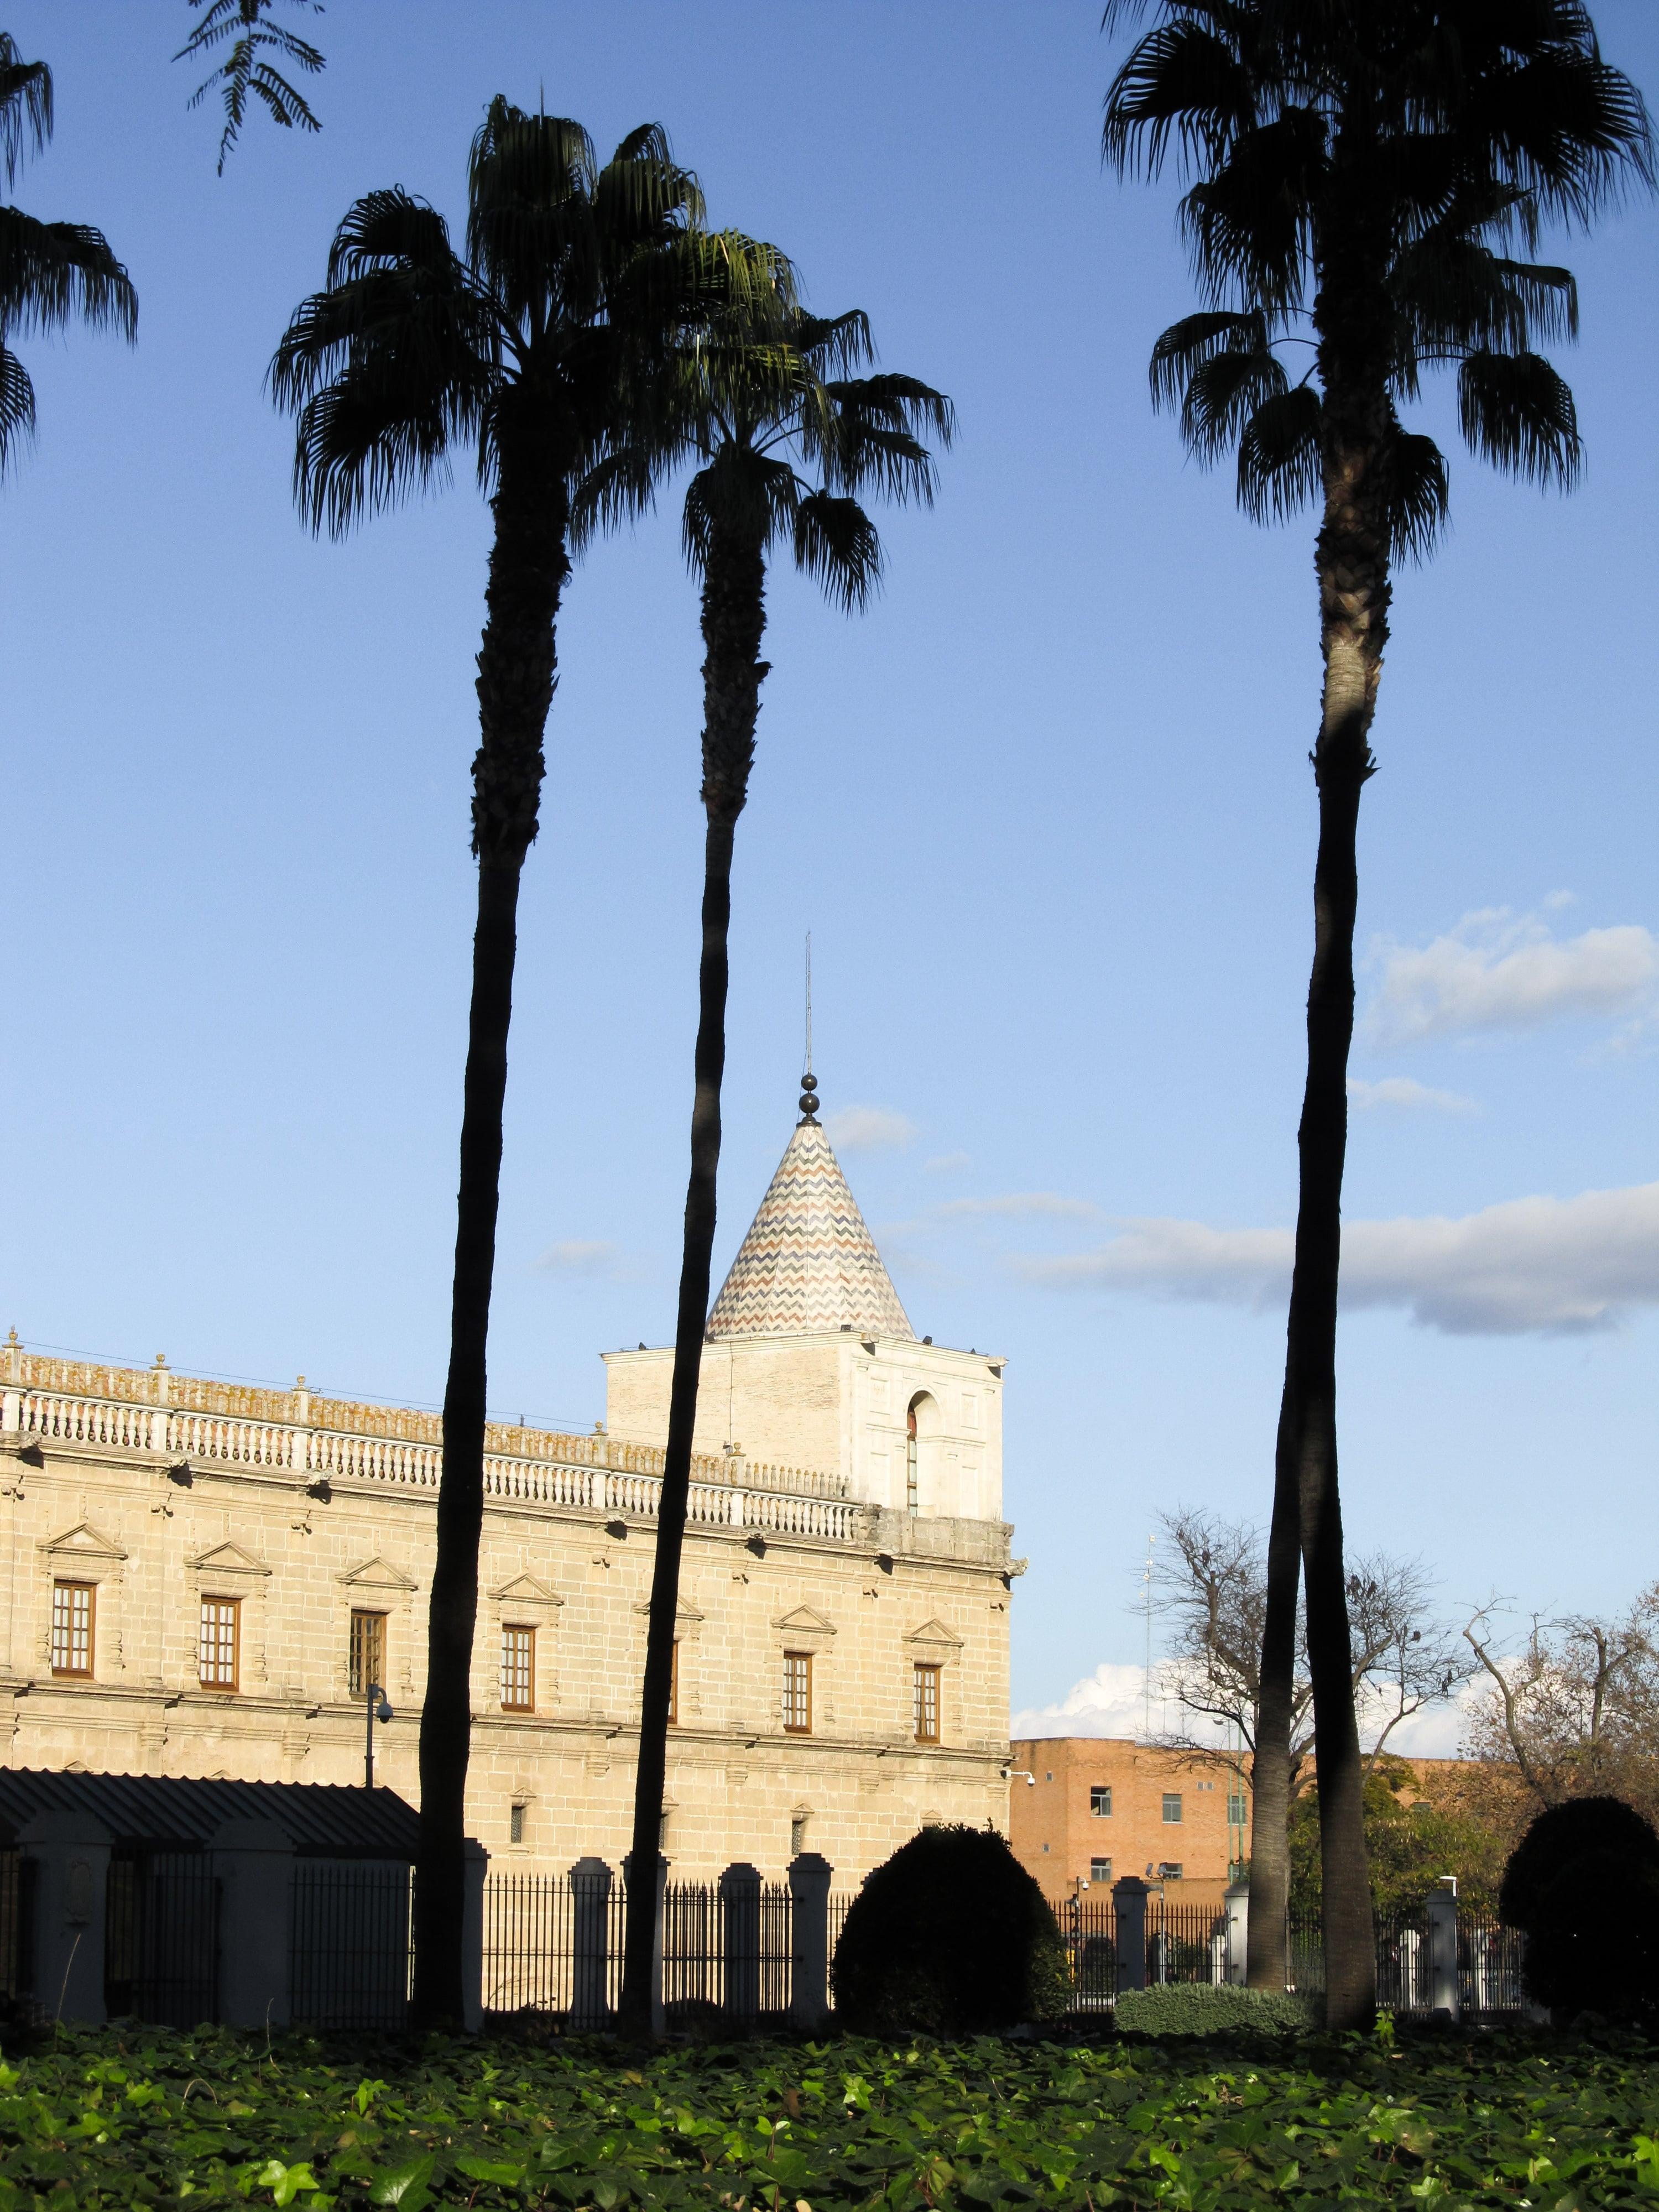 Parlement : Partez à Séville à la découverte des quartiers Santa Cruz et La Macarena en plein mois de janvier.